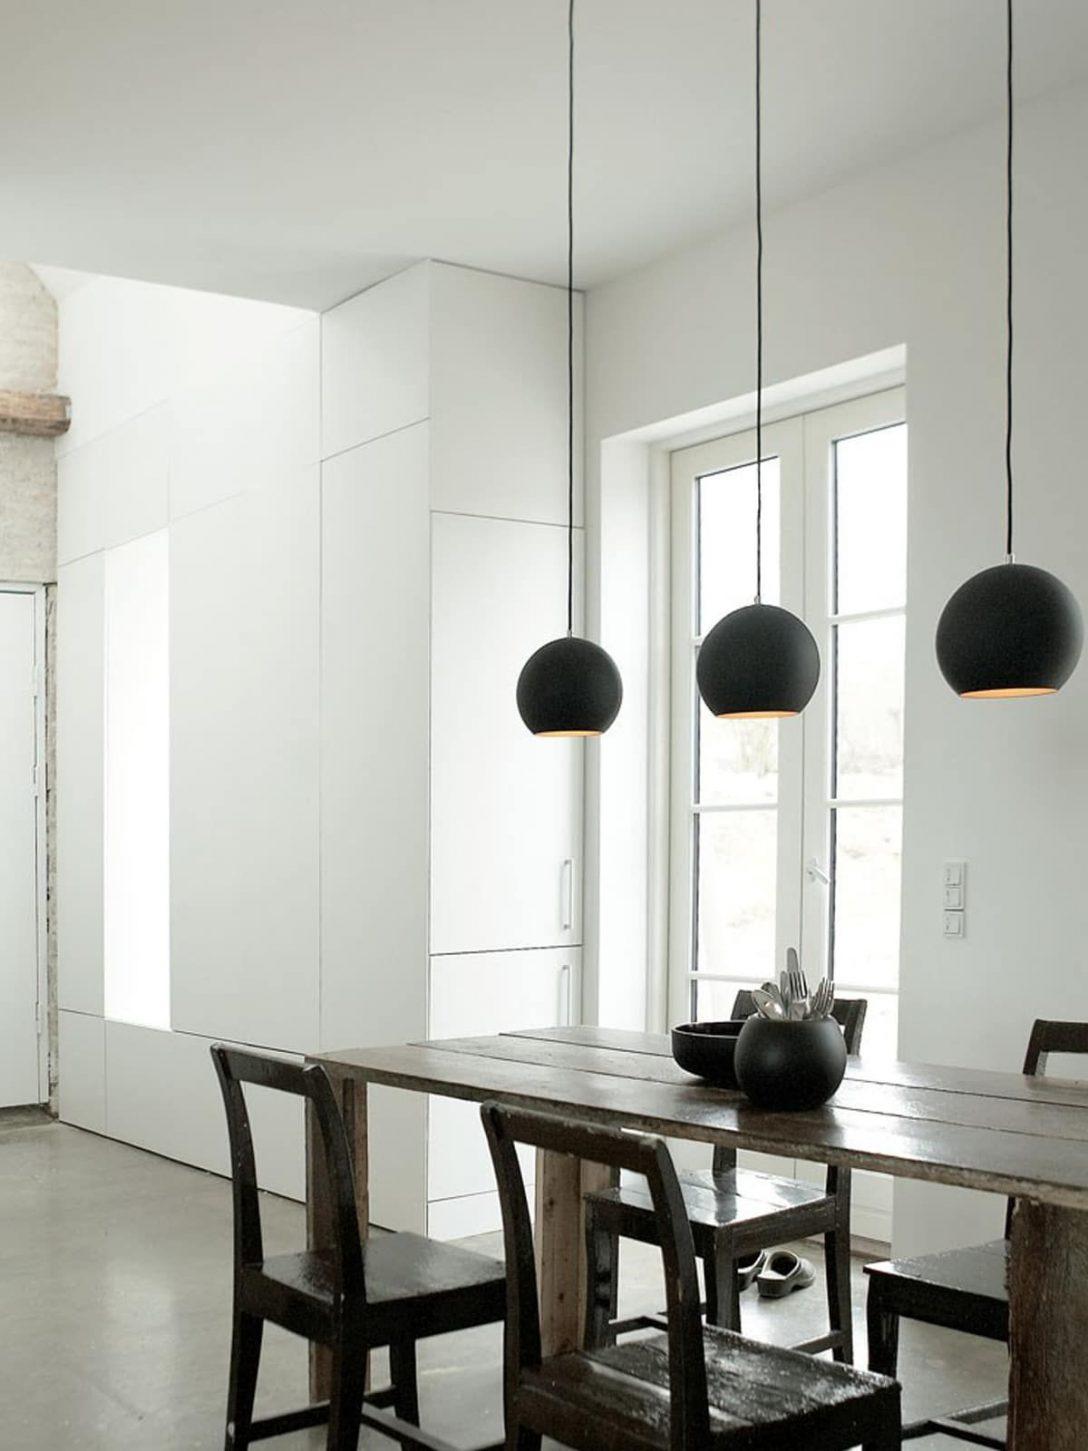 Large Size of Küchenlampen Moderne Kchenlampen Bei Designort Teil 2 Badezimmer Esszimmer Wohnzimmer Küchenlampen